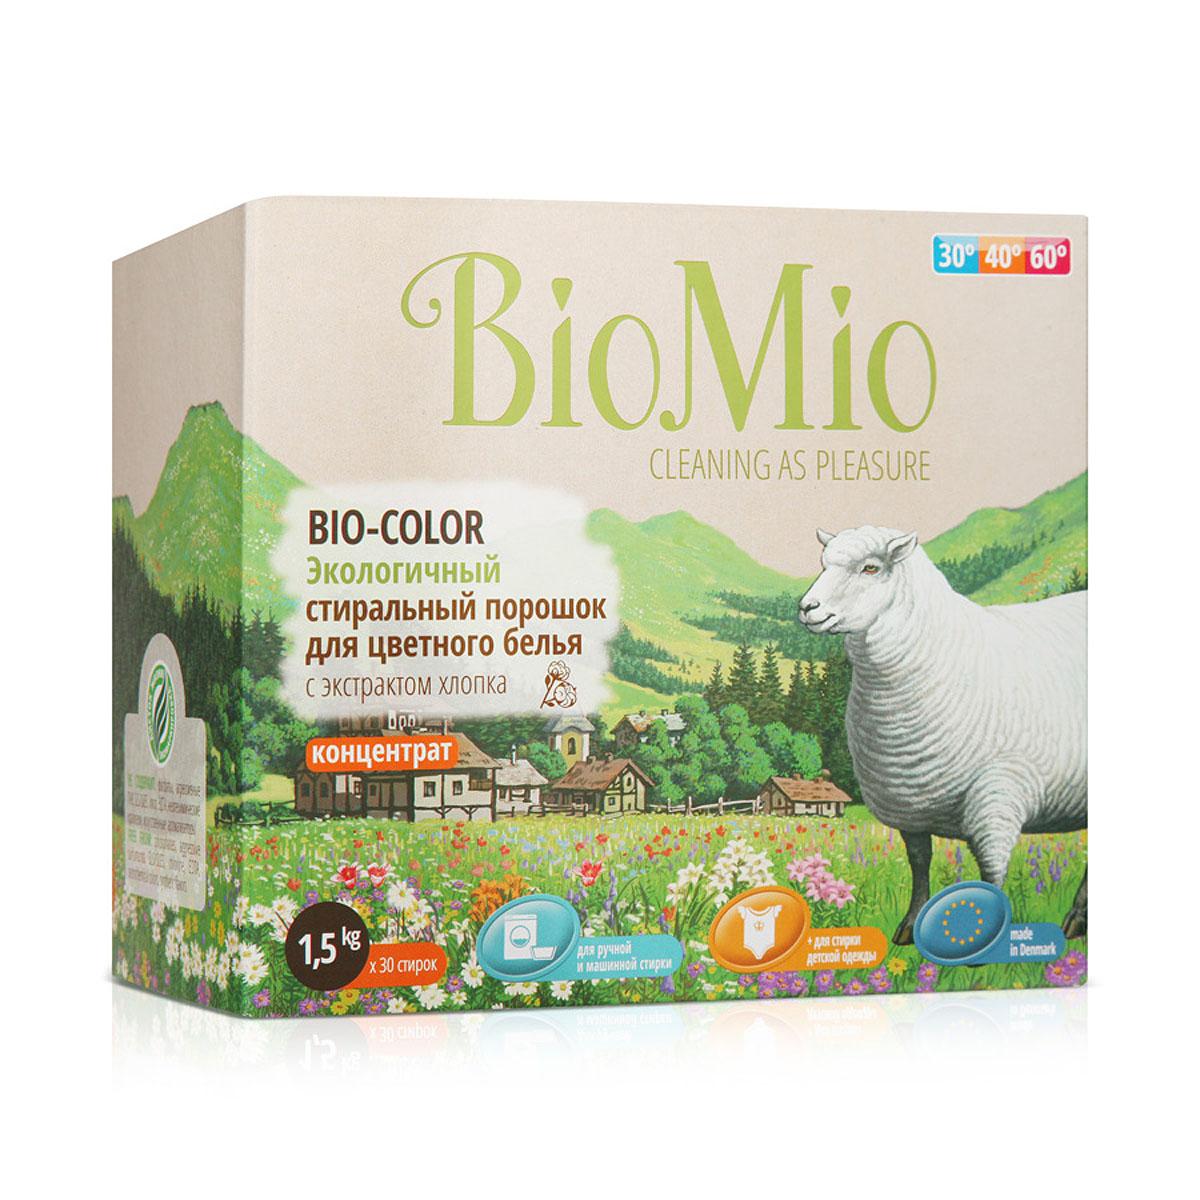 Стиральный порошок BioMio, для цветного белья, с экстрактом хлопка, 1,5 кгПЦ-415Экологичный стиральный порошок BioMio эффективно удаляет пятна и загрязнения, сохраняя структуру ткани и первозданный цвет. Подходит для ручной и машинной стирки. Концентрированная формула обеспечивает экономичный расход. Идеально подходит для стирки детского белья и одежды людей с чувствительной кожей. Полностью выполаскивается, исключает попадание на кожу моющих средств, способных вызывать раздражение чувствительной кожи. Средство без запаха не содержит эфирных масел, что делает его абсолютно безопасным для детской одежды. Безопасен для планеты. Не содержит: фосфаты, агрессивные ПАВ, SLS/SLES, хлор, EDTA, нефтехимические красители, искусственные ароматизаторы.BioMio - линейка эффективных средств для дома, использование которых приносит только удовольствие. Уборка помогает не только очистить и гармонизировать свое пространство, но и себя, свои мысли, поэтому важно ее делать с радостью. Средства, созданные с любовью и заботой, помогут в этом и идеально справятся с загрязнениями, оставаясь при этом абсолютно безопасными и экологичными. Средства BioMio незаменимы, если в доме есть ребенок.Состав: 5-15% цеолиты, неионогенные ПАВ; Вес: 1,5 кг.Товар сертифицирован.